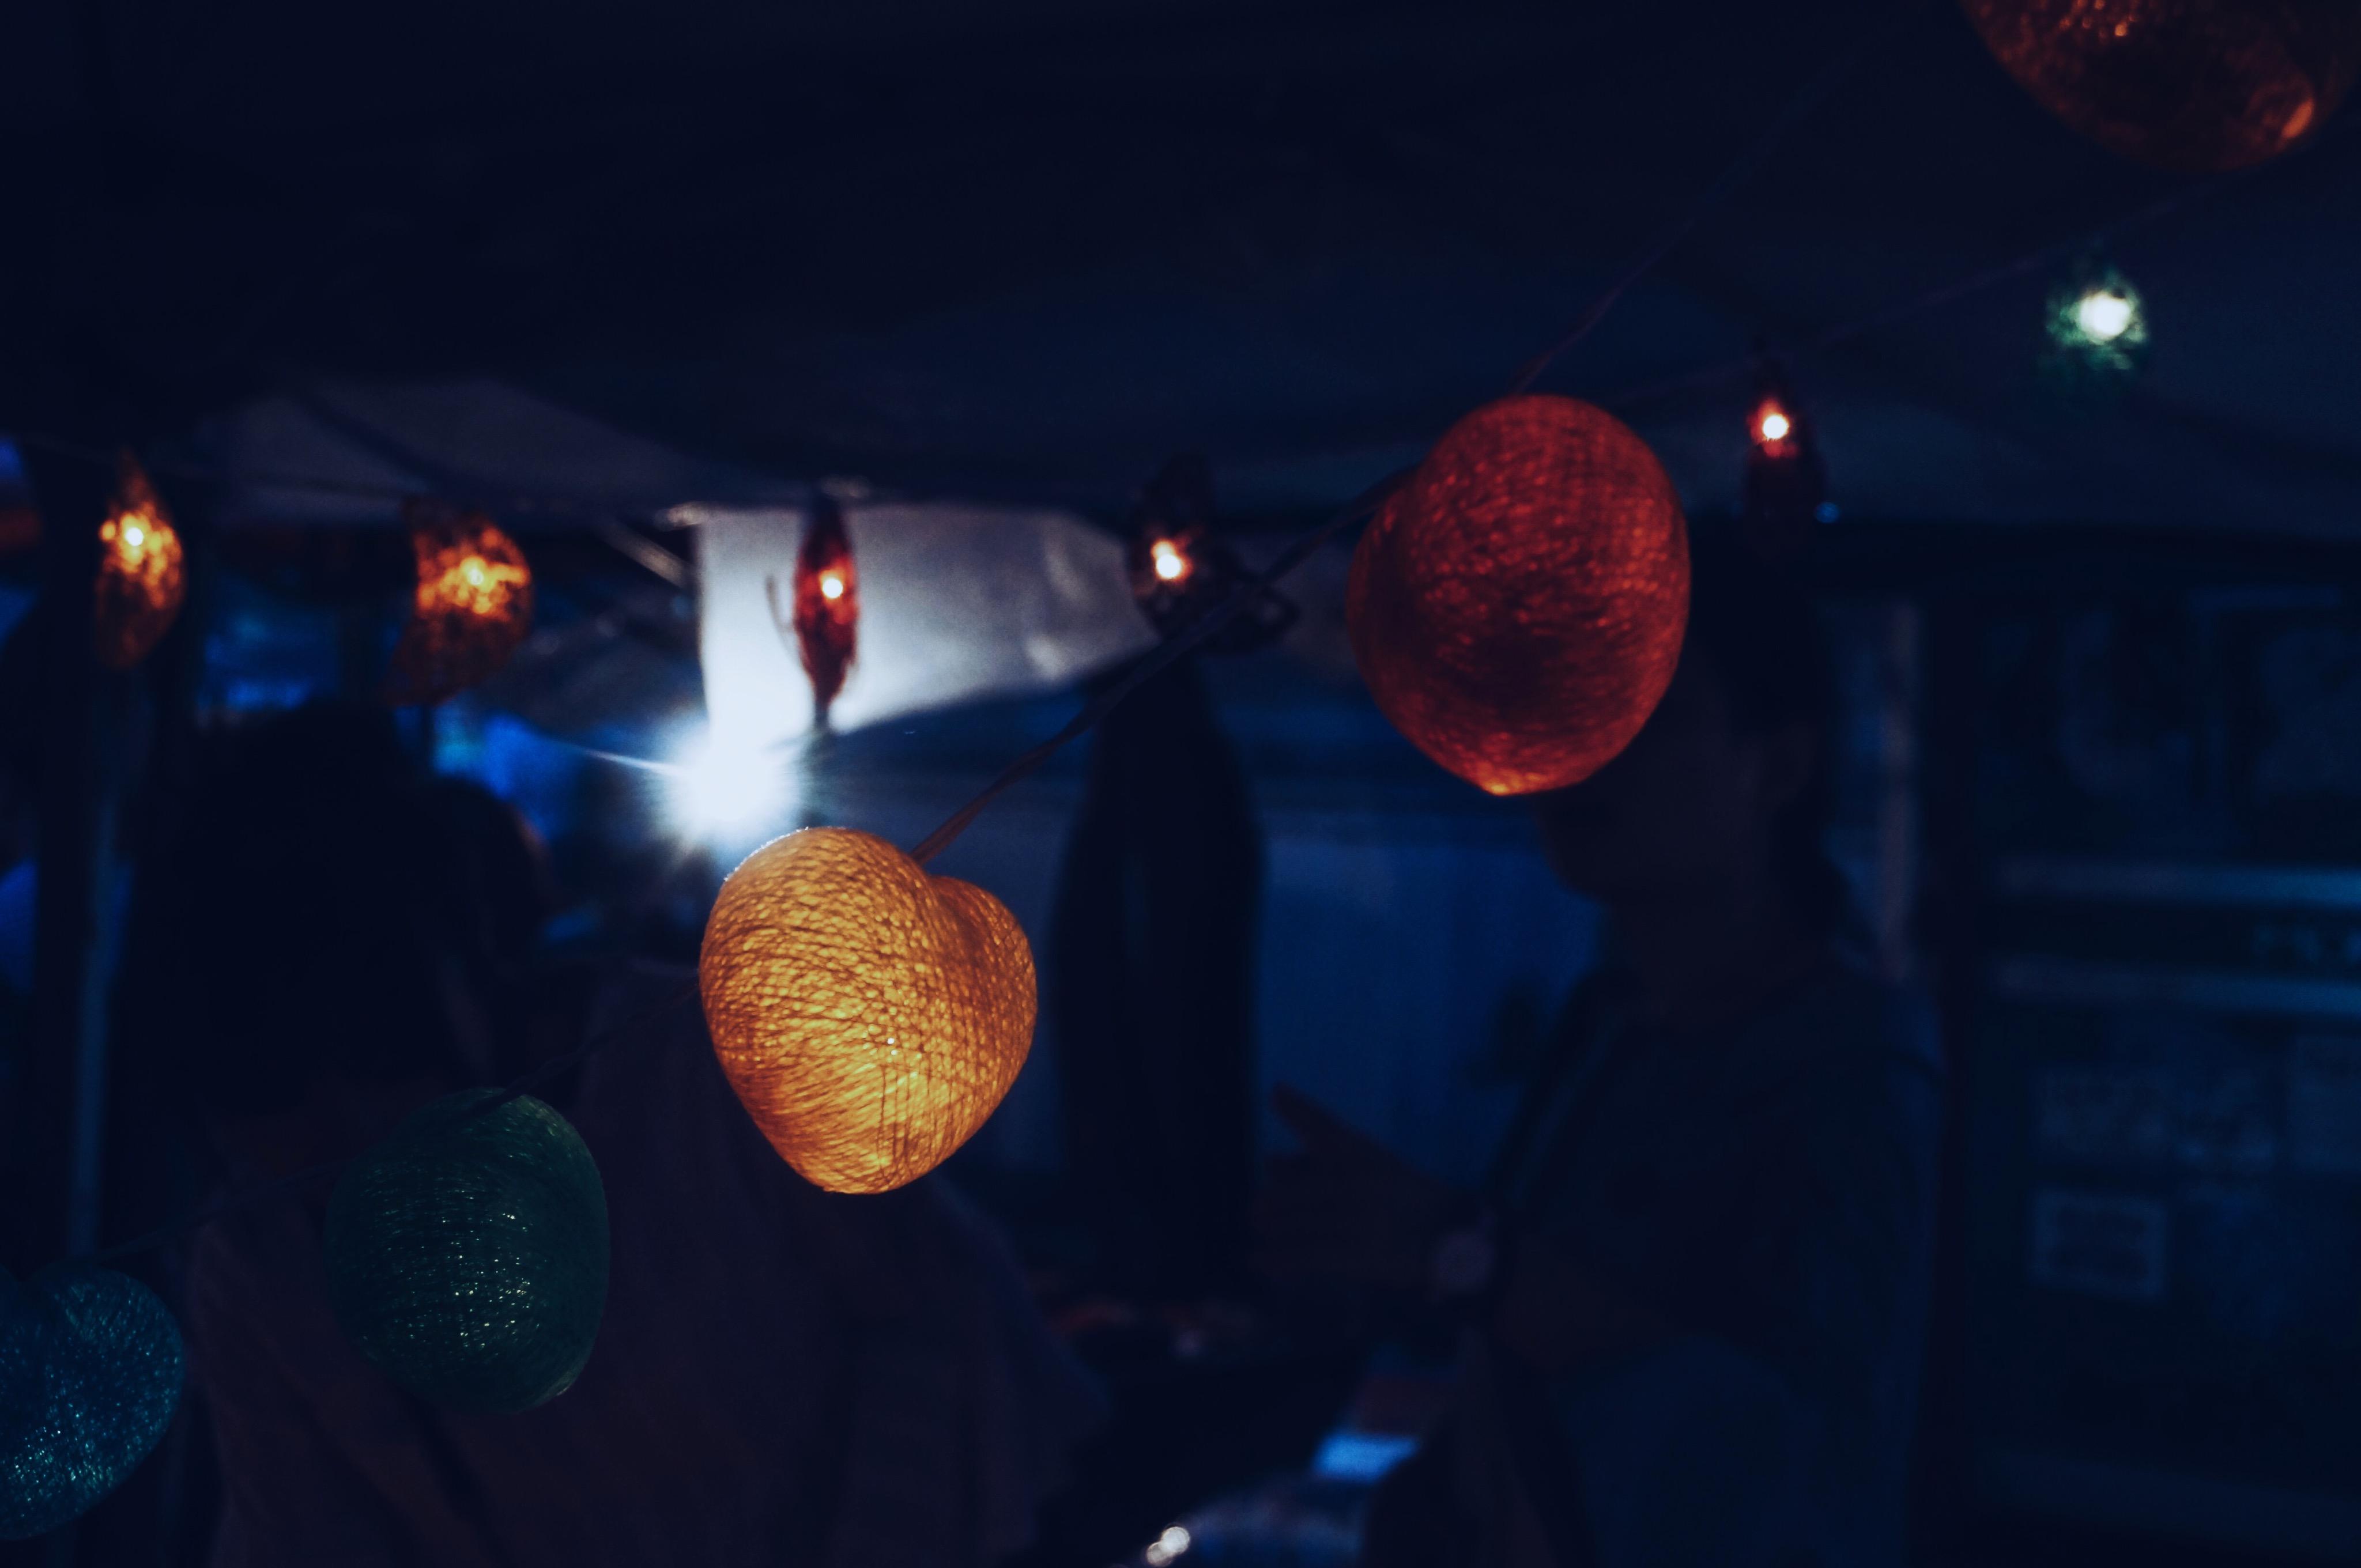 Lampignons auf dem thailändischen Markt